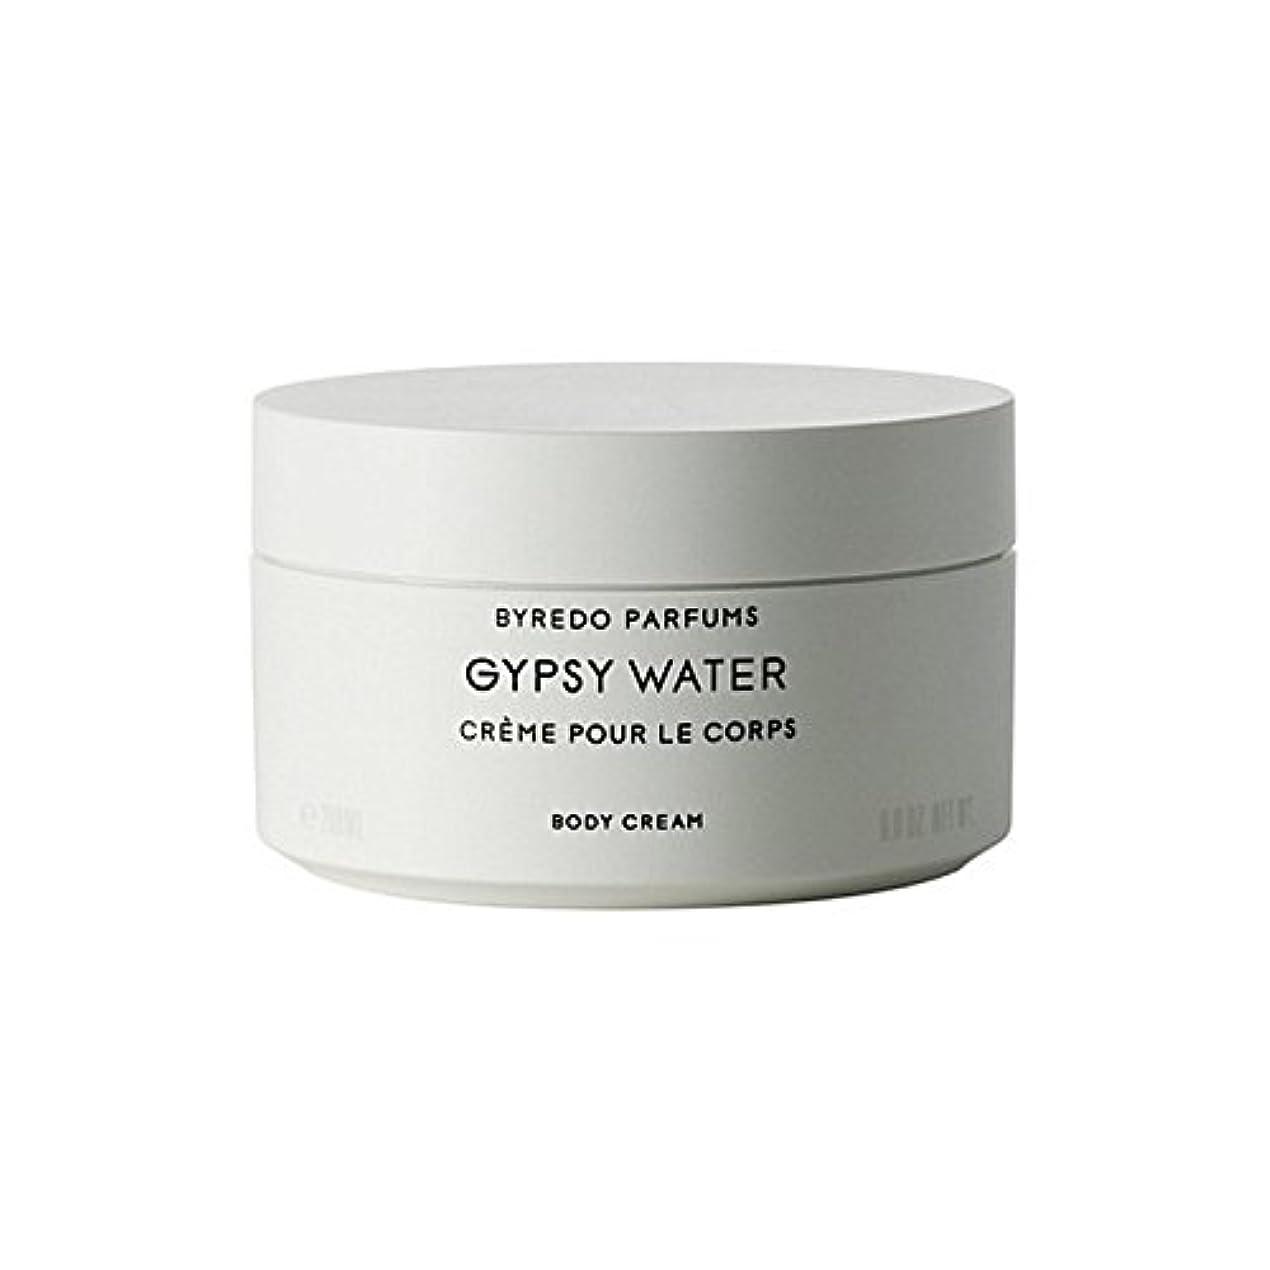 疑い者ペルメル回復Byredo Gypsy Water Body Cream 200ml (Pack of 6) - ジプシー水ボディクリーム200ミリリットル x6 [並行輸入品]